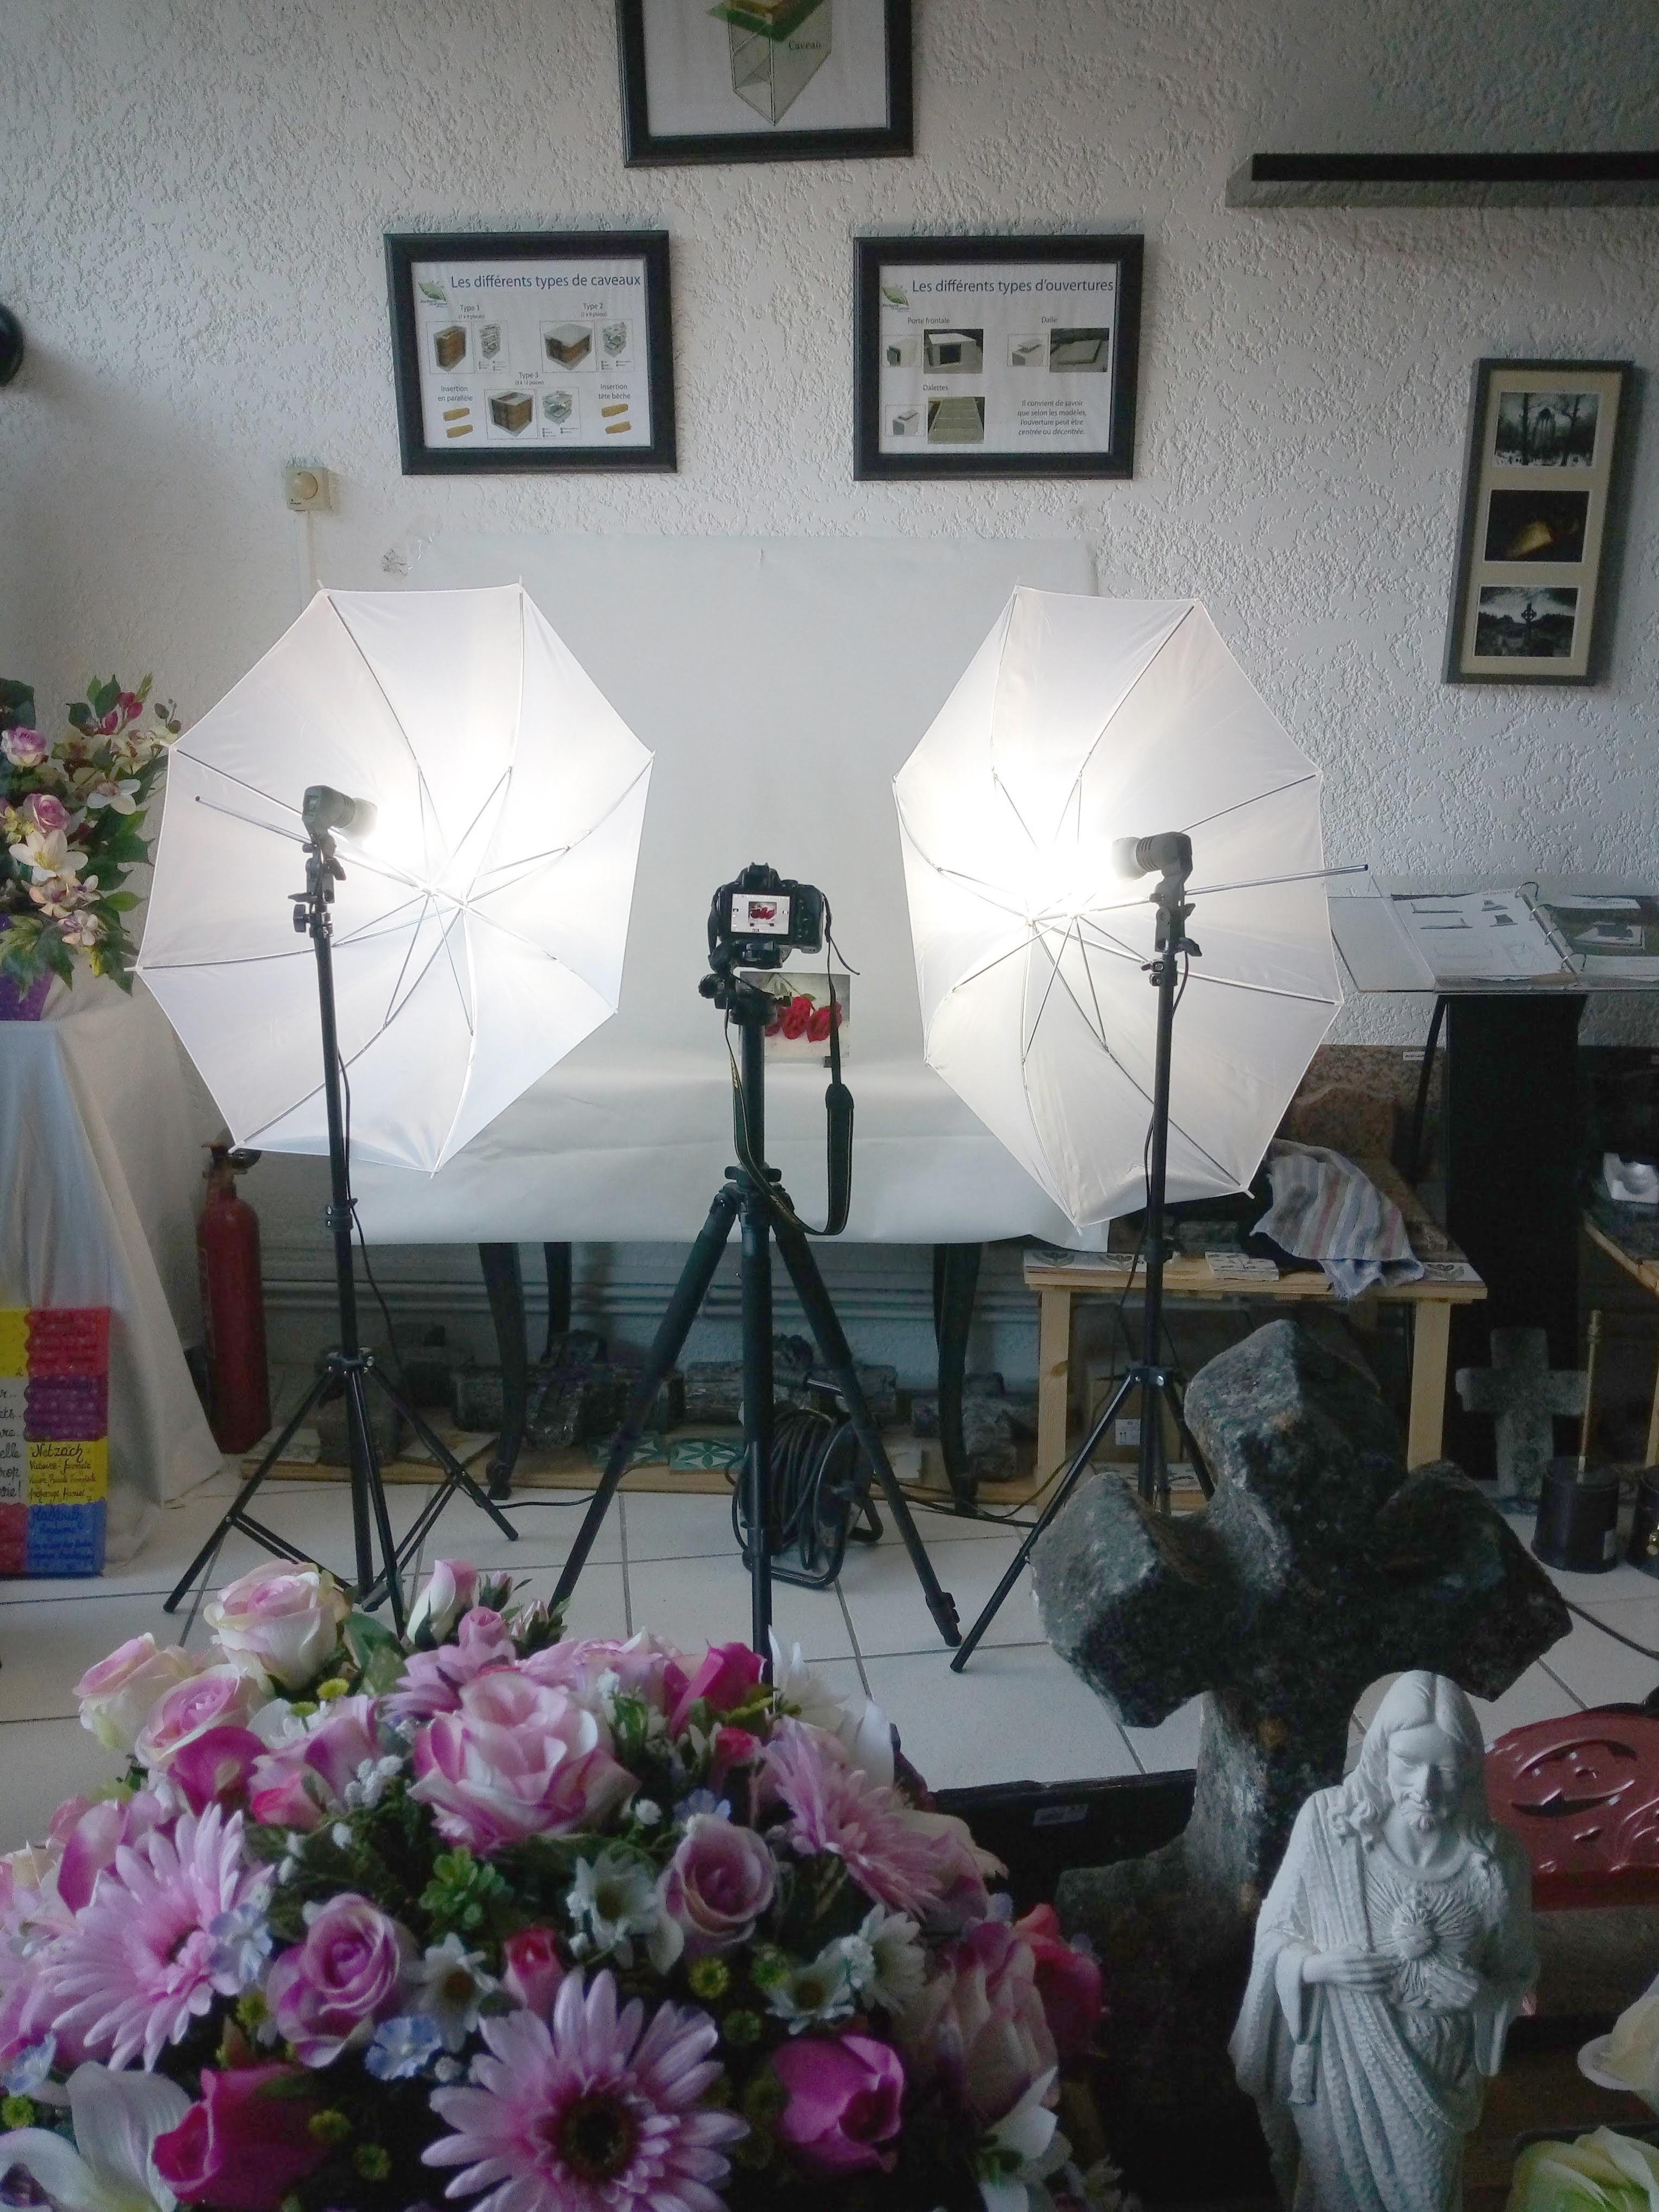 photographe-remoulins-reportage-packshot-machaphotographie-photo-produit-à-domicile-studio-mobile-éc